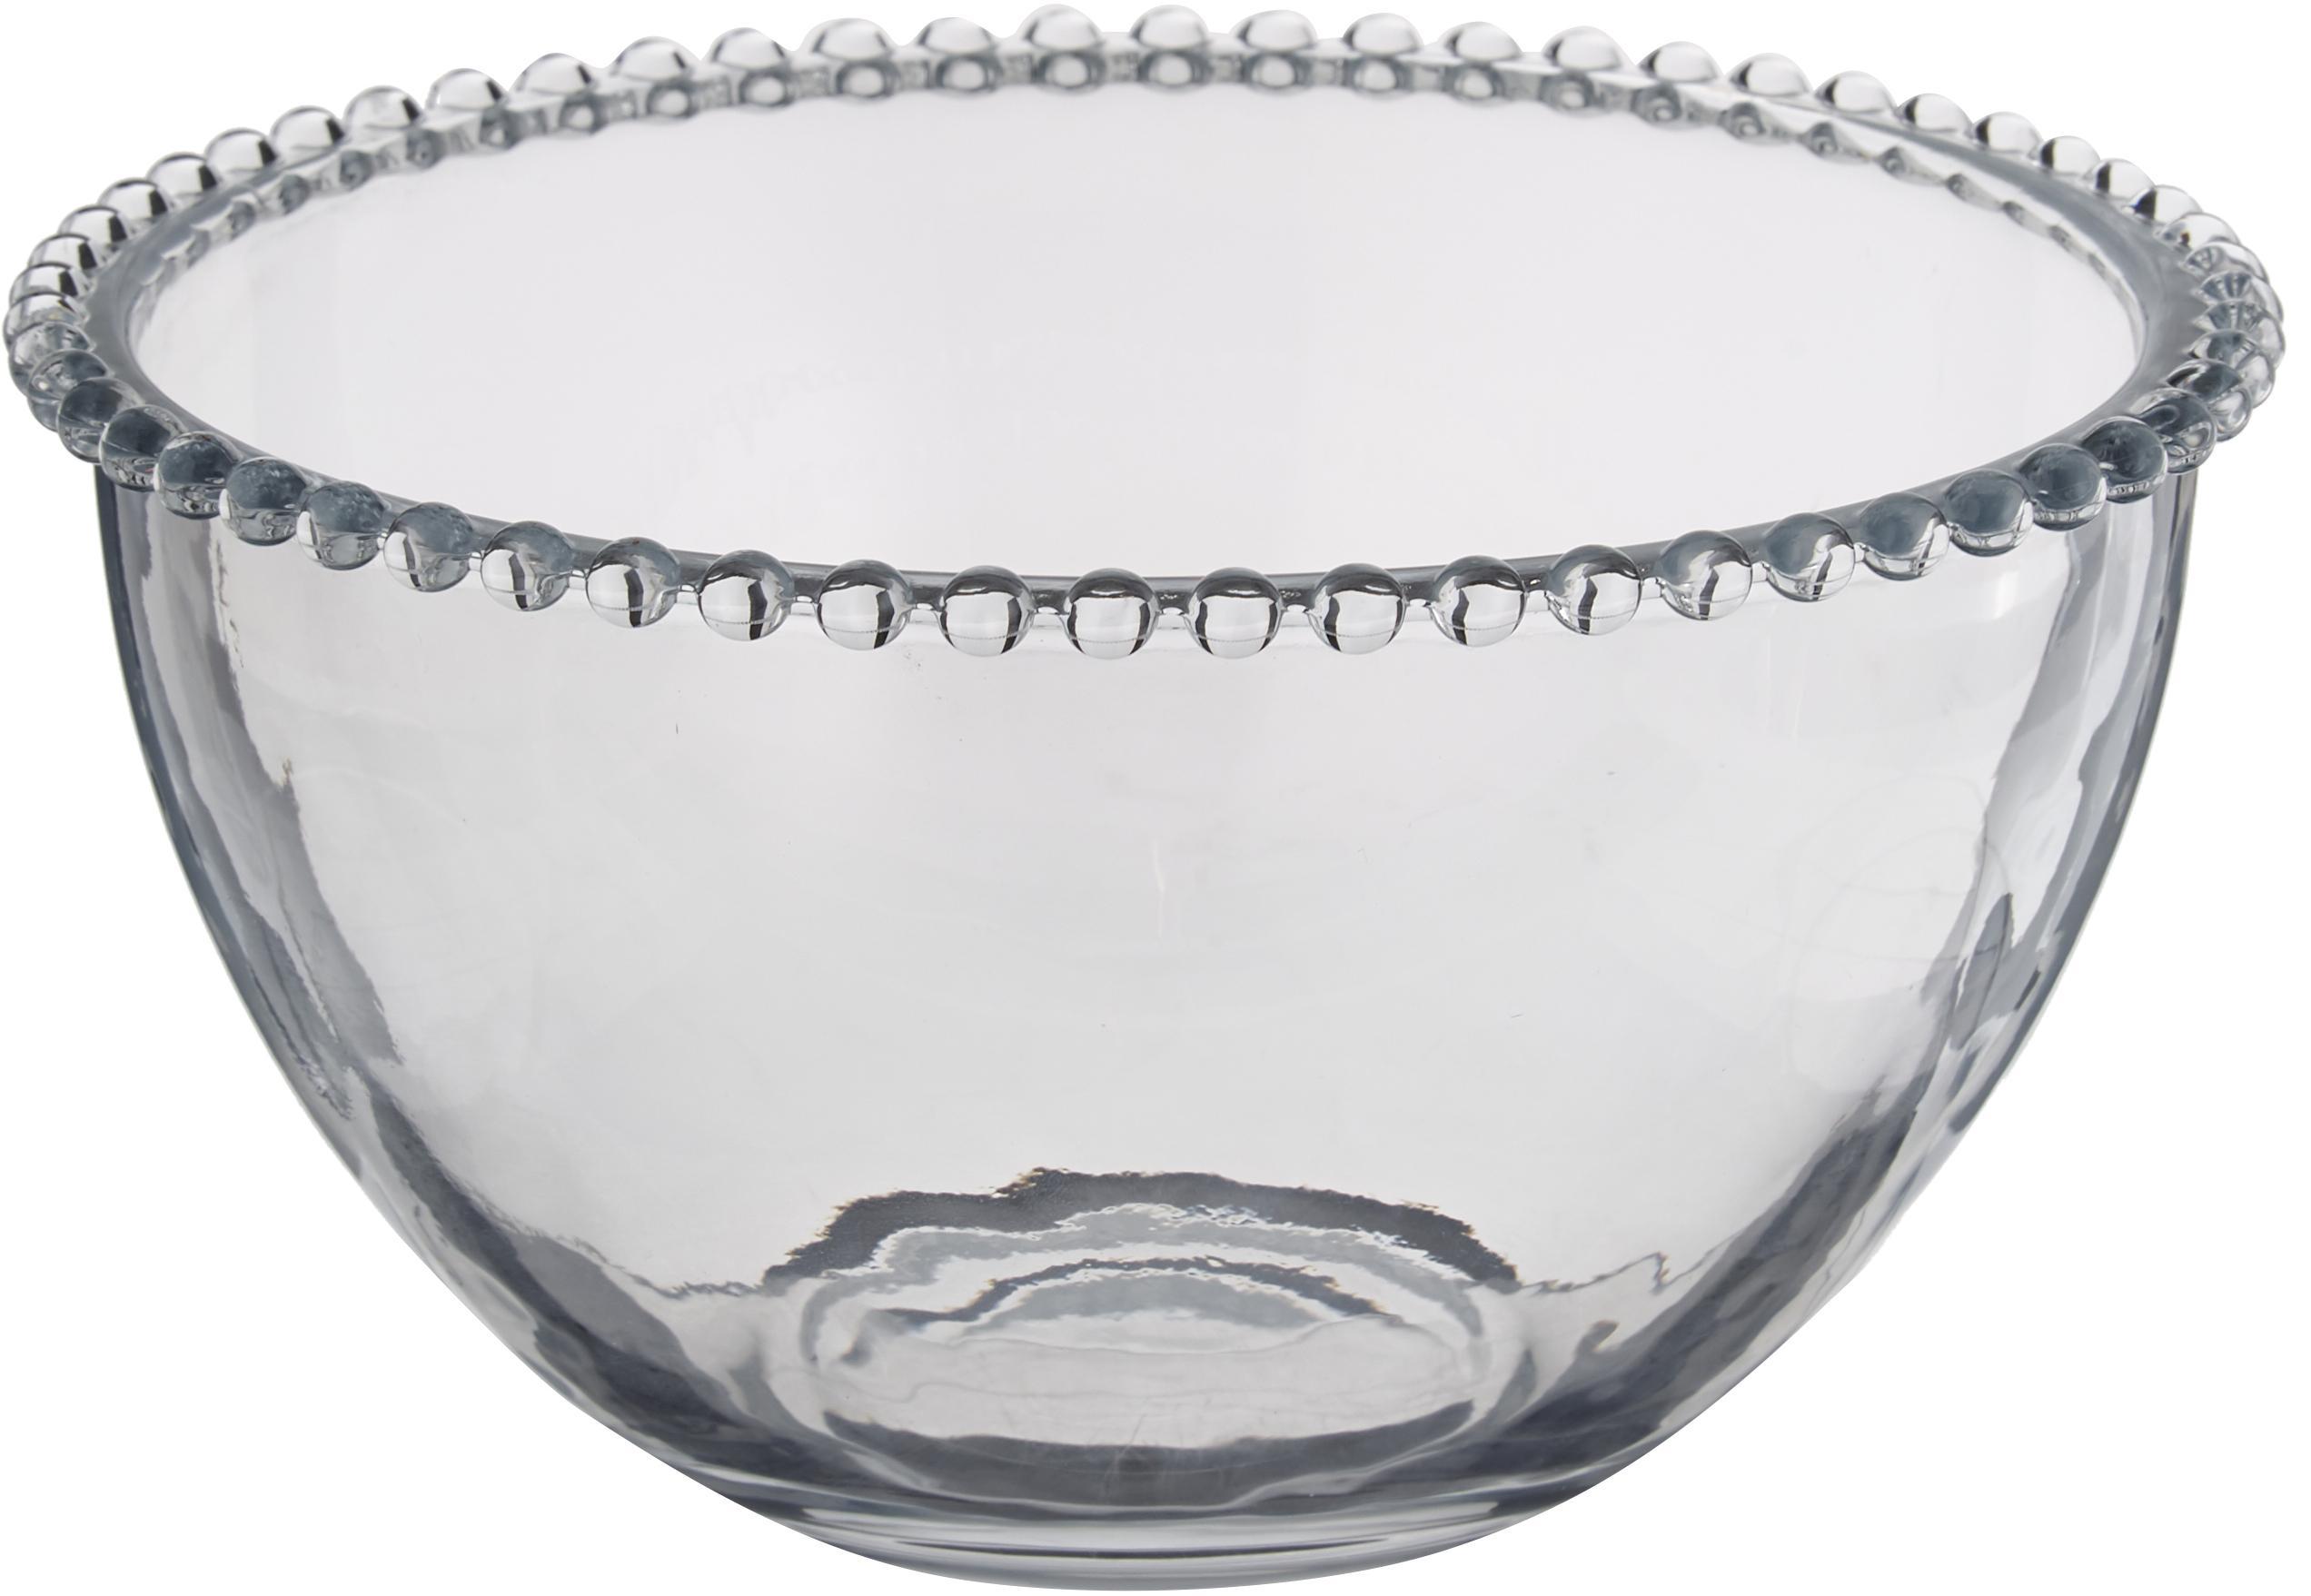 Glas-Schälchen Perles, Glas, Transparent, Ø 21 cm